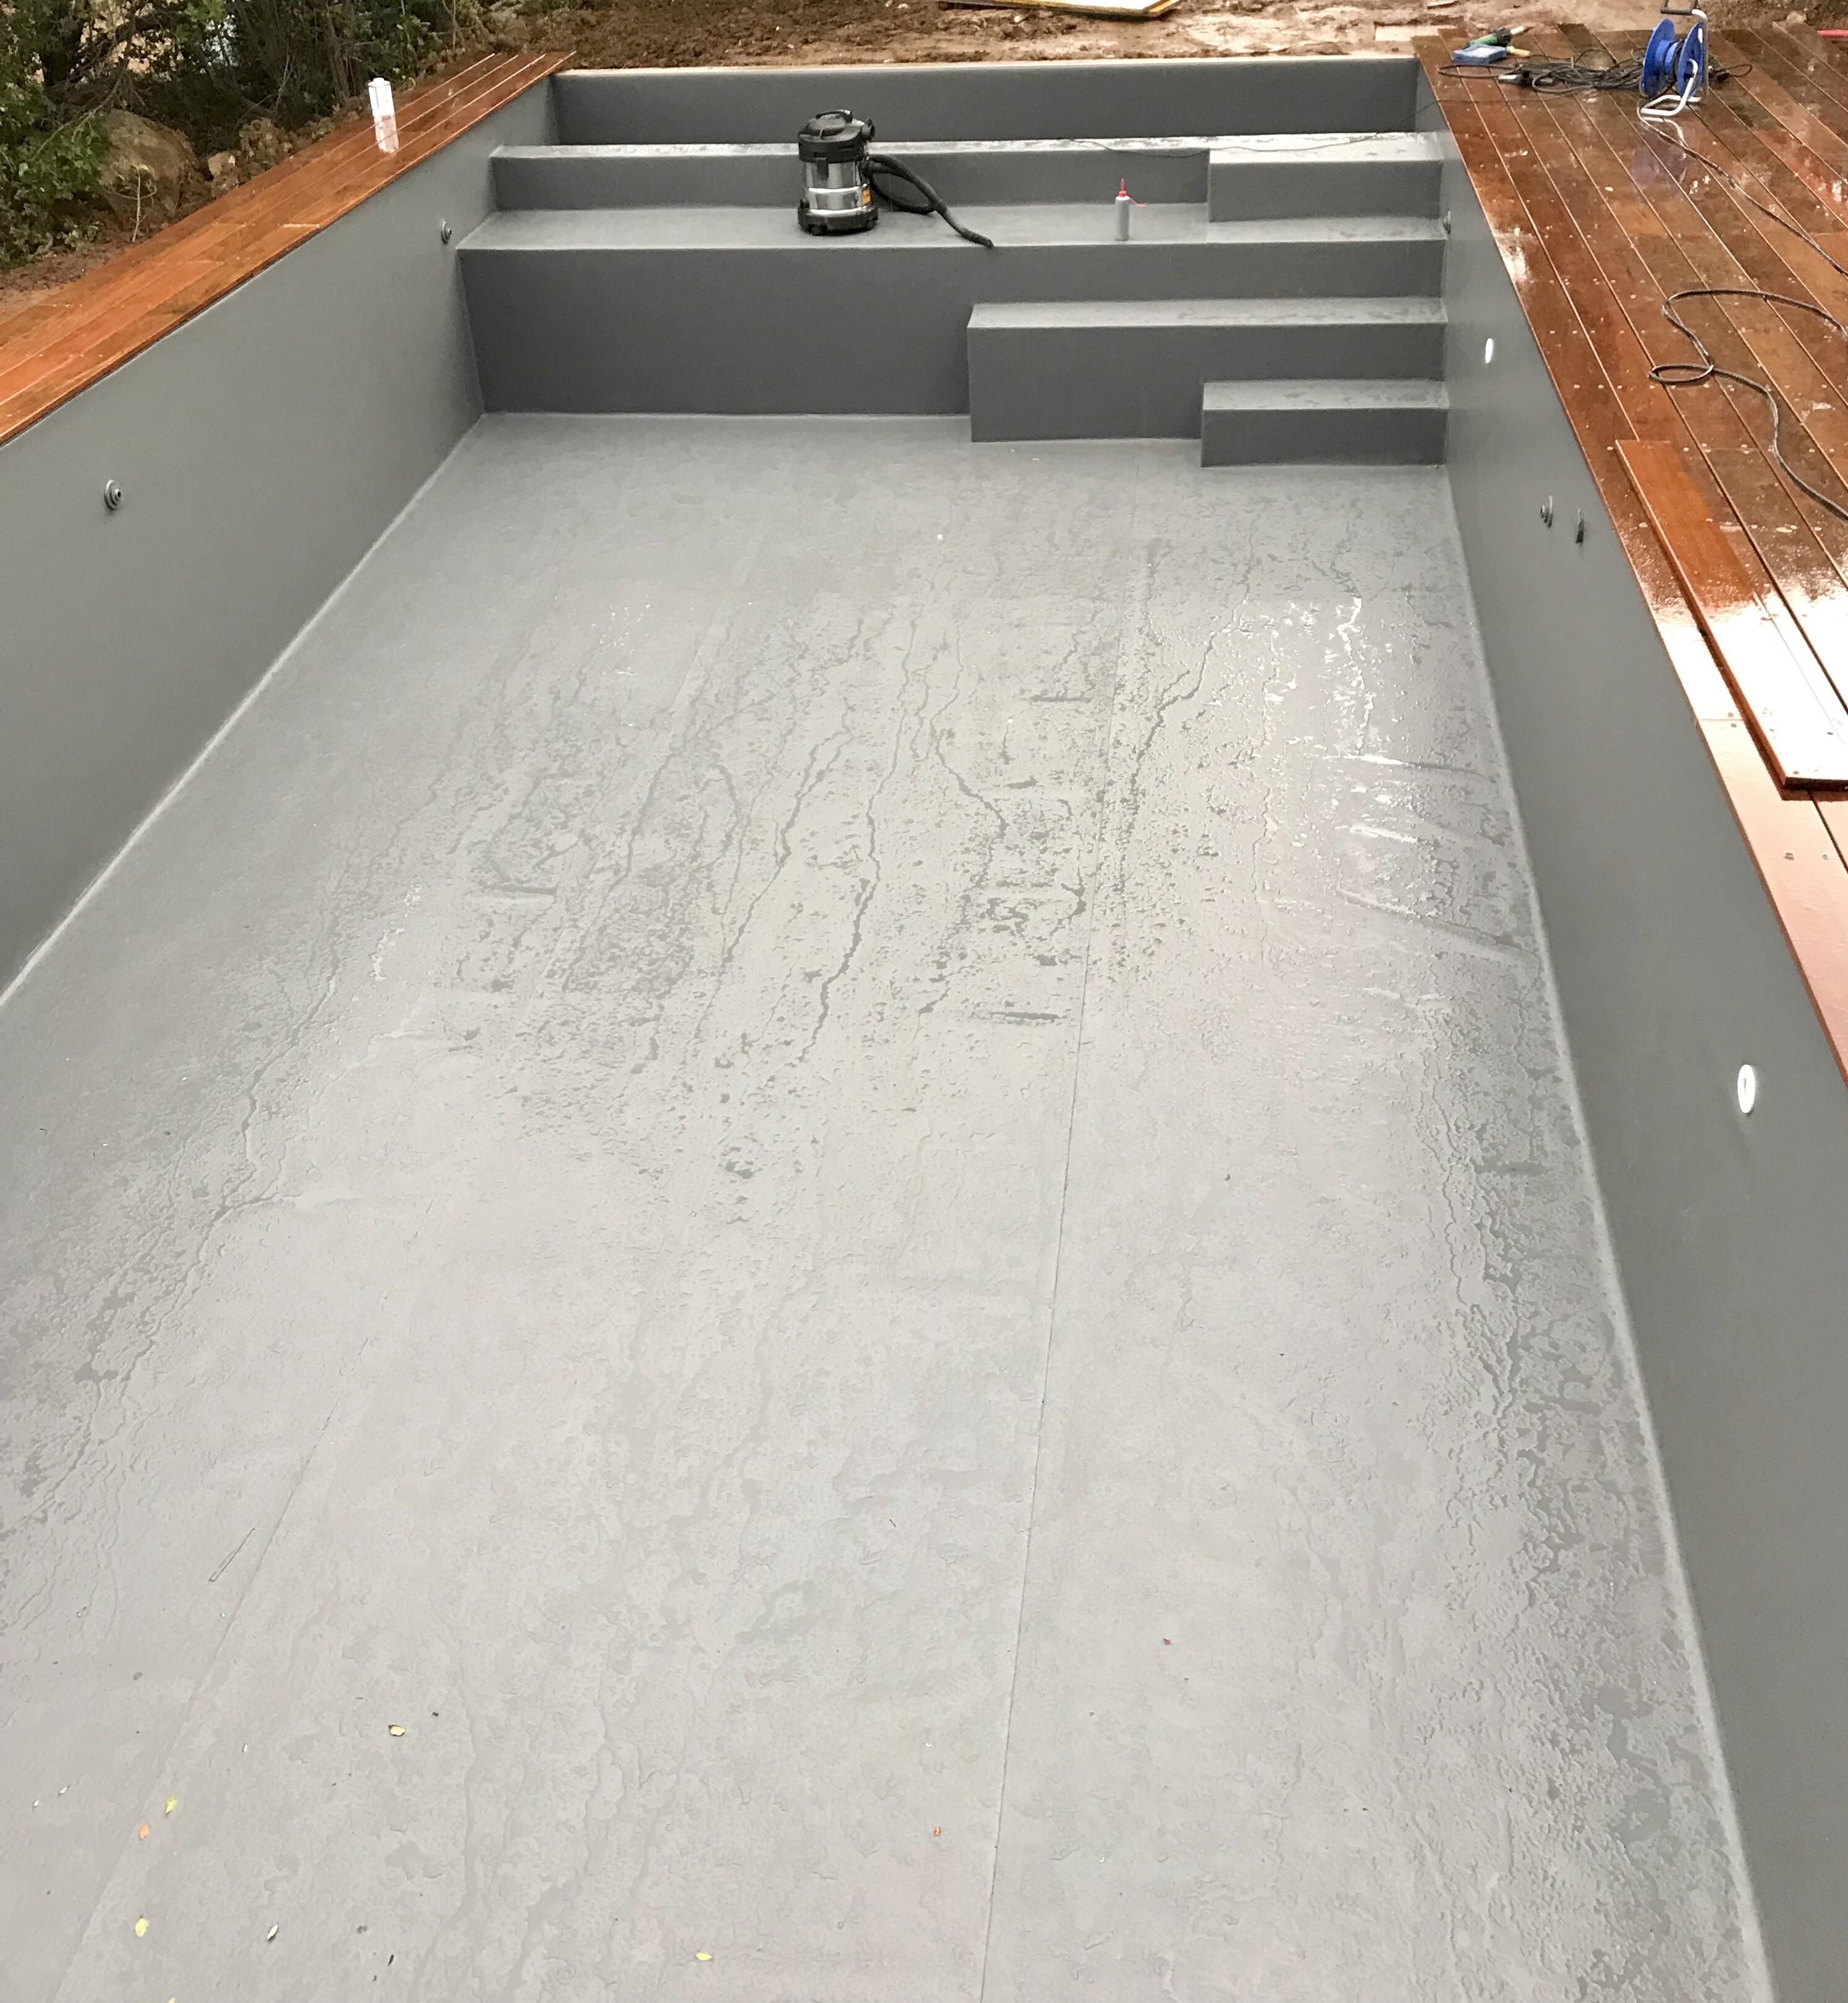 piscine tanch it pvc arm liner renforc escalier avec volet etp formation stage pose pvc. Black Bedroom Furniture Sets. Home Design Ideas